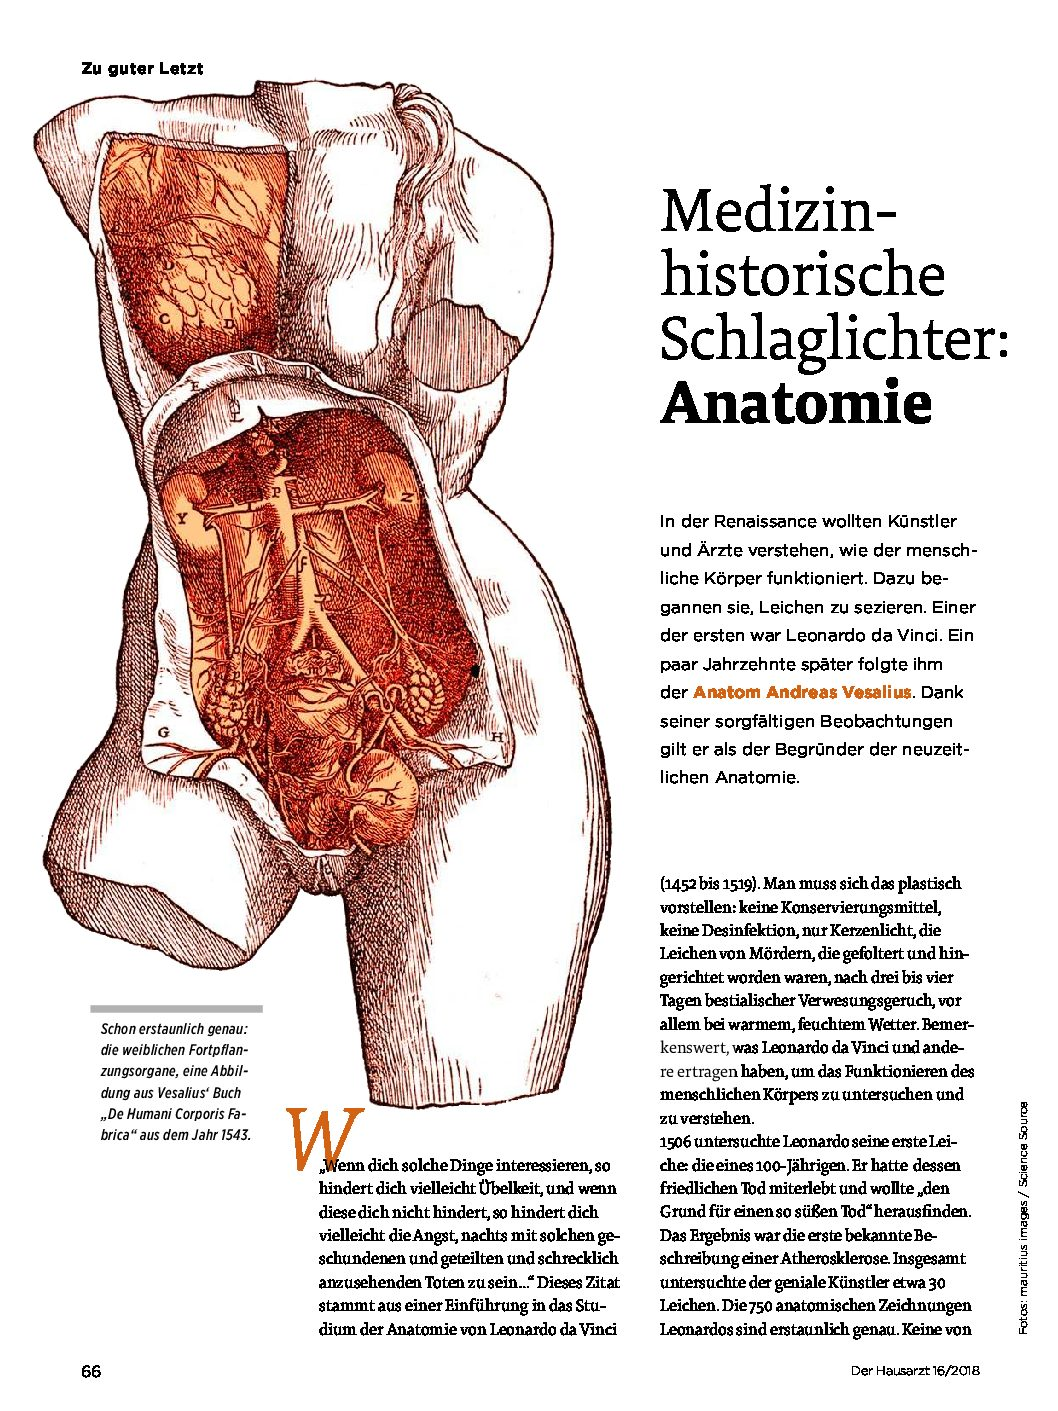 Medizinhistorische Schlaglichter: Anatomie – Der Hausarzt